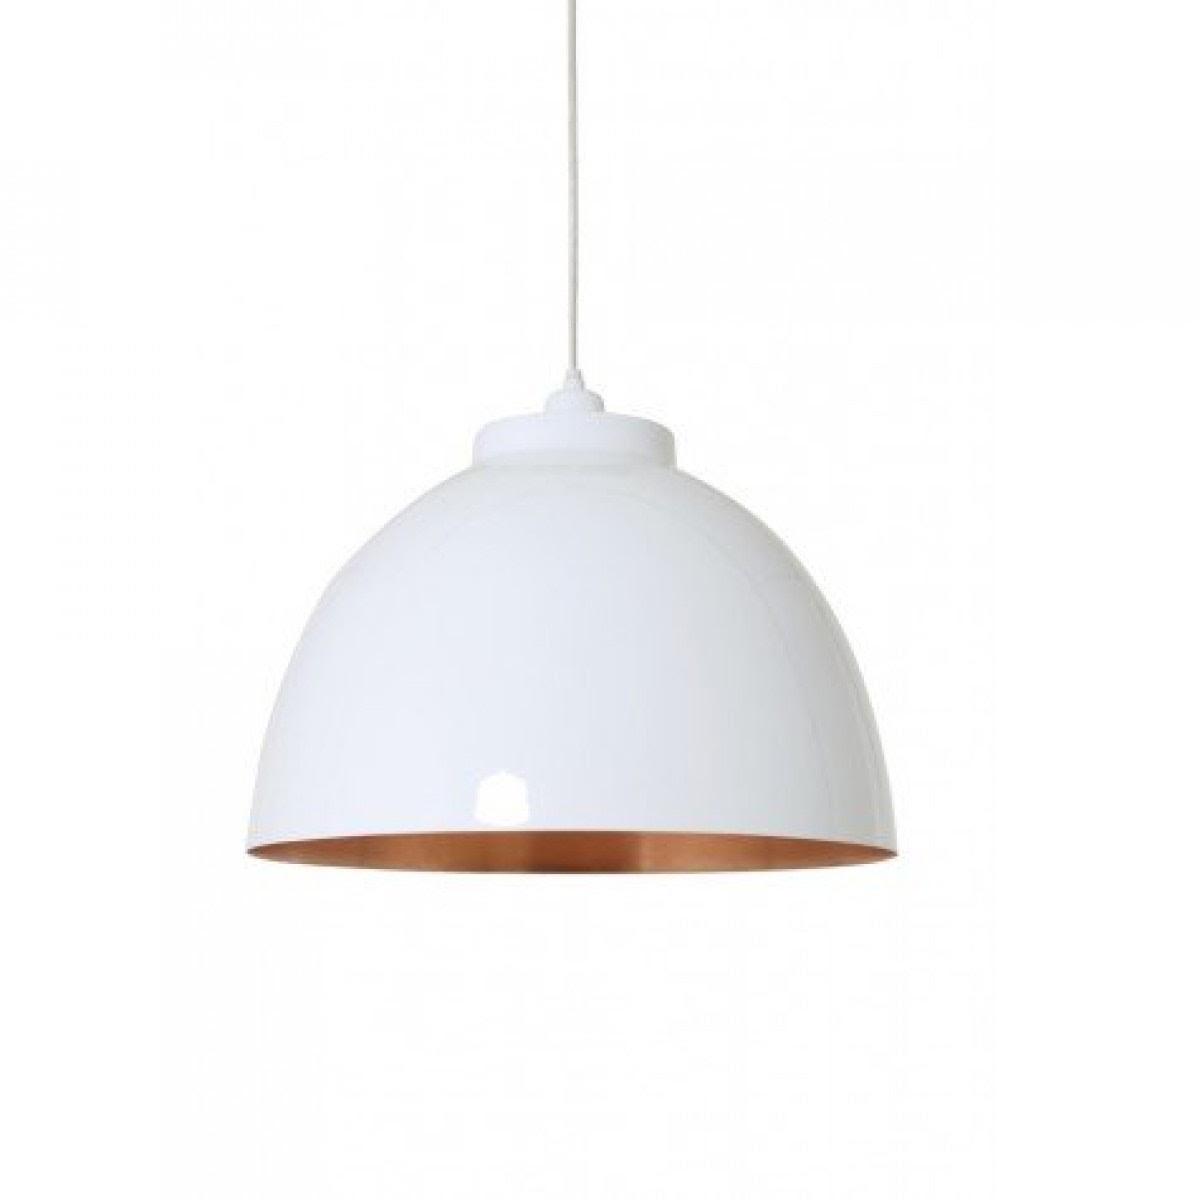 Pendelleuchte weiß-kupfer, Hängelampe weiß, Lampe weiß, Ø ...